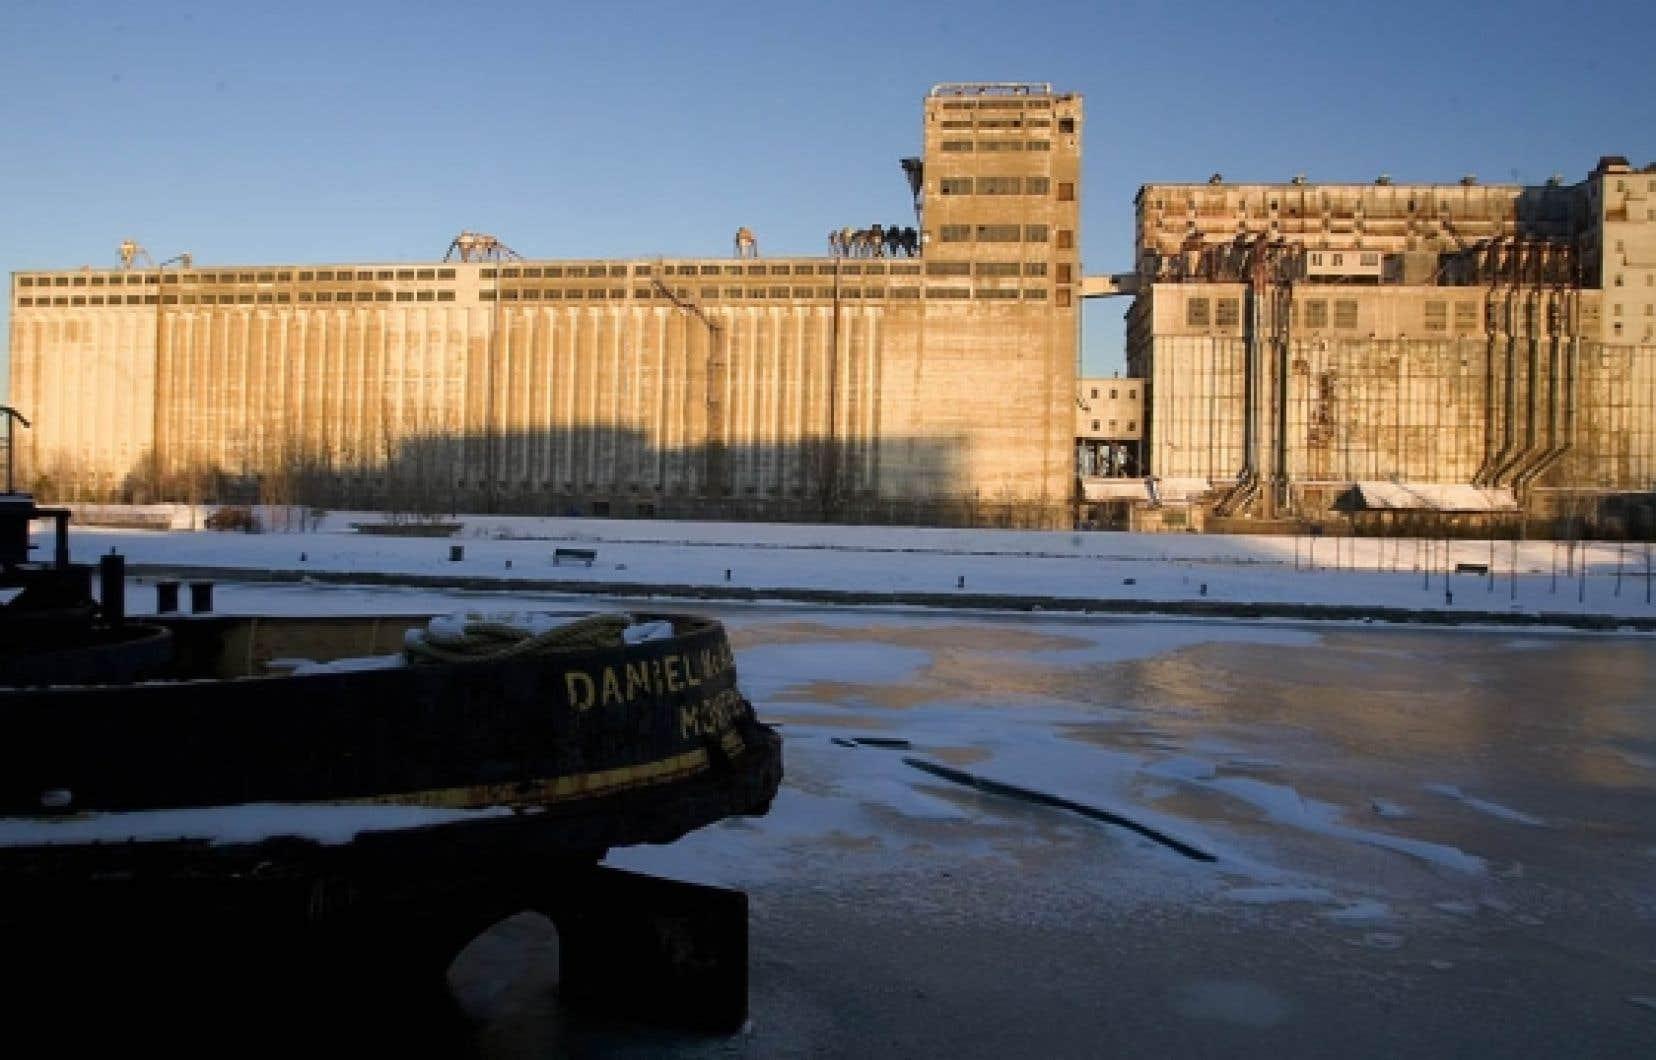 La Société immobilière du Canada souhaite que le réaménagement du Silo no 5 soit terminé en 2017, soit à temps pour les célébrations du 375e anniversaire de Montréal. Il n'est toutefois pas question de démolir l'immeuble.<br />